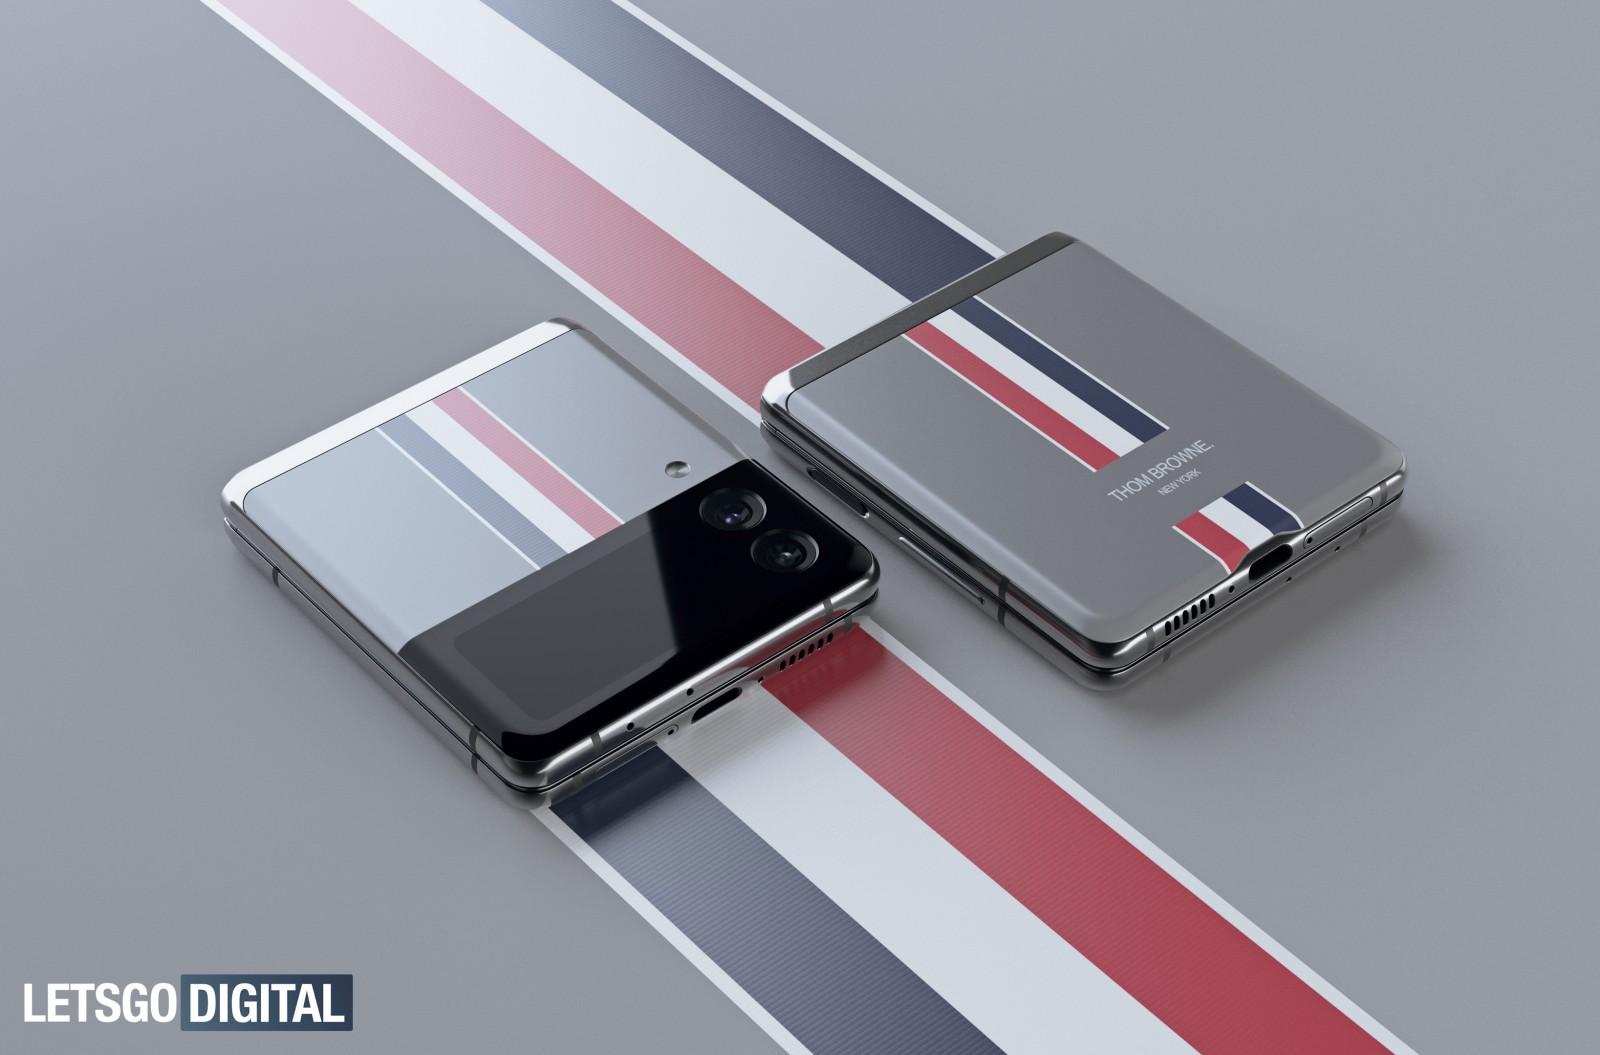 تصاویر مدل ویژه تام براون گوشی گلکسی زد فولد 3 منتشر شد